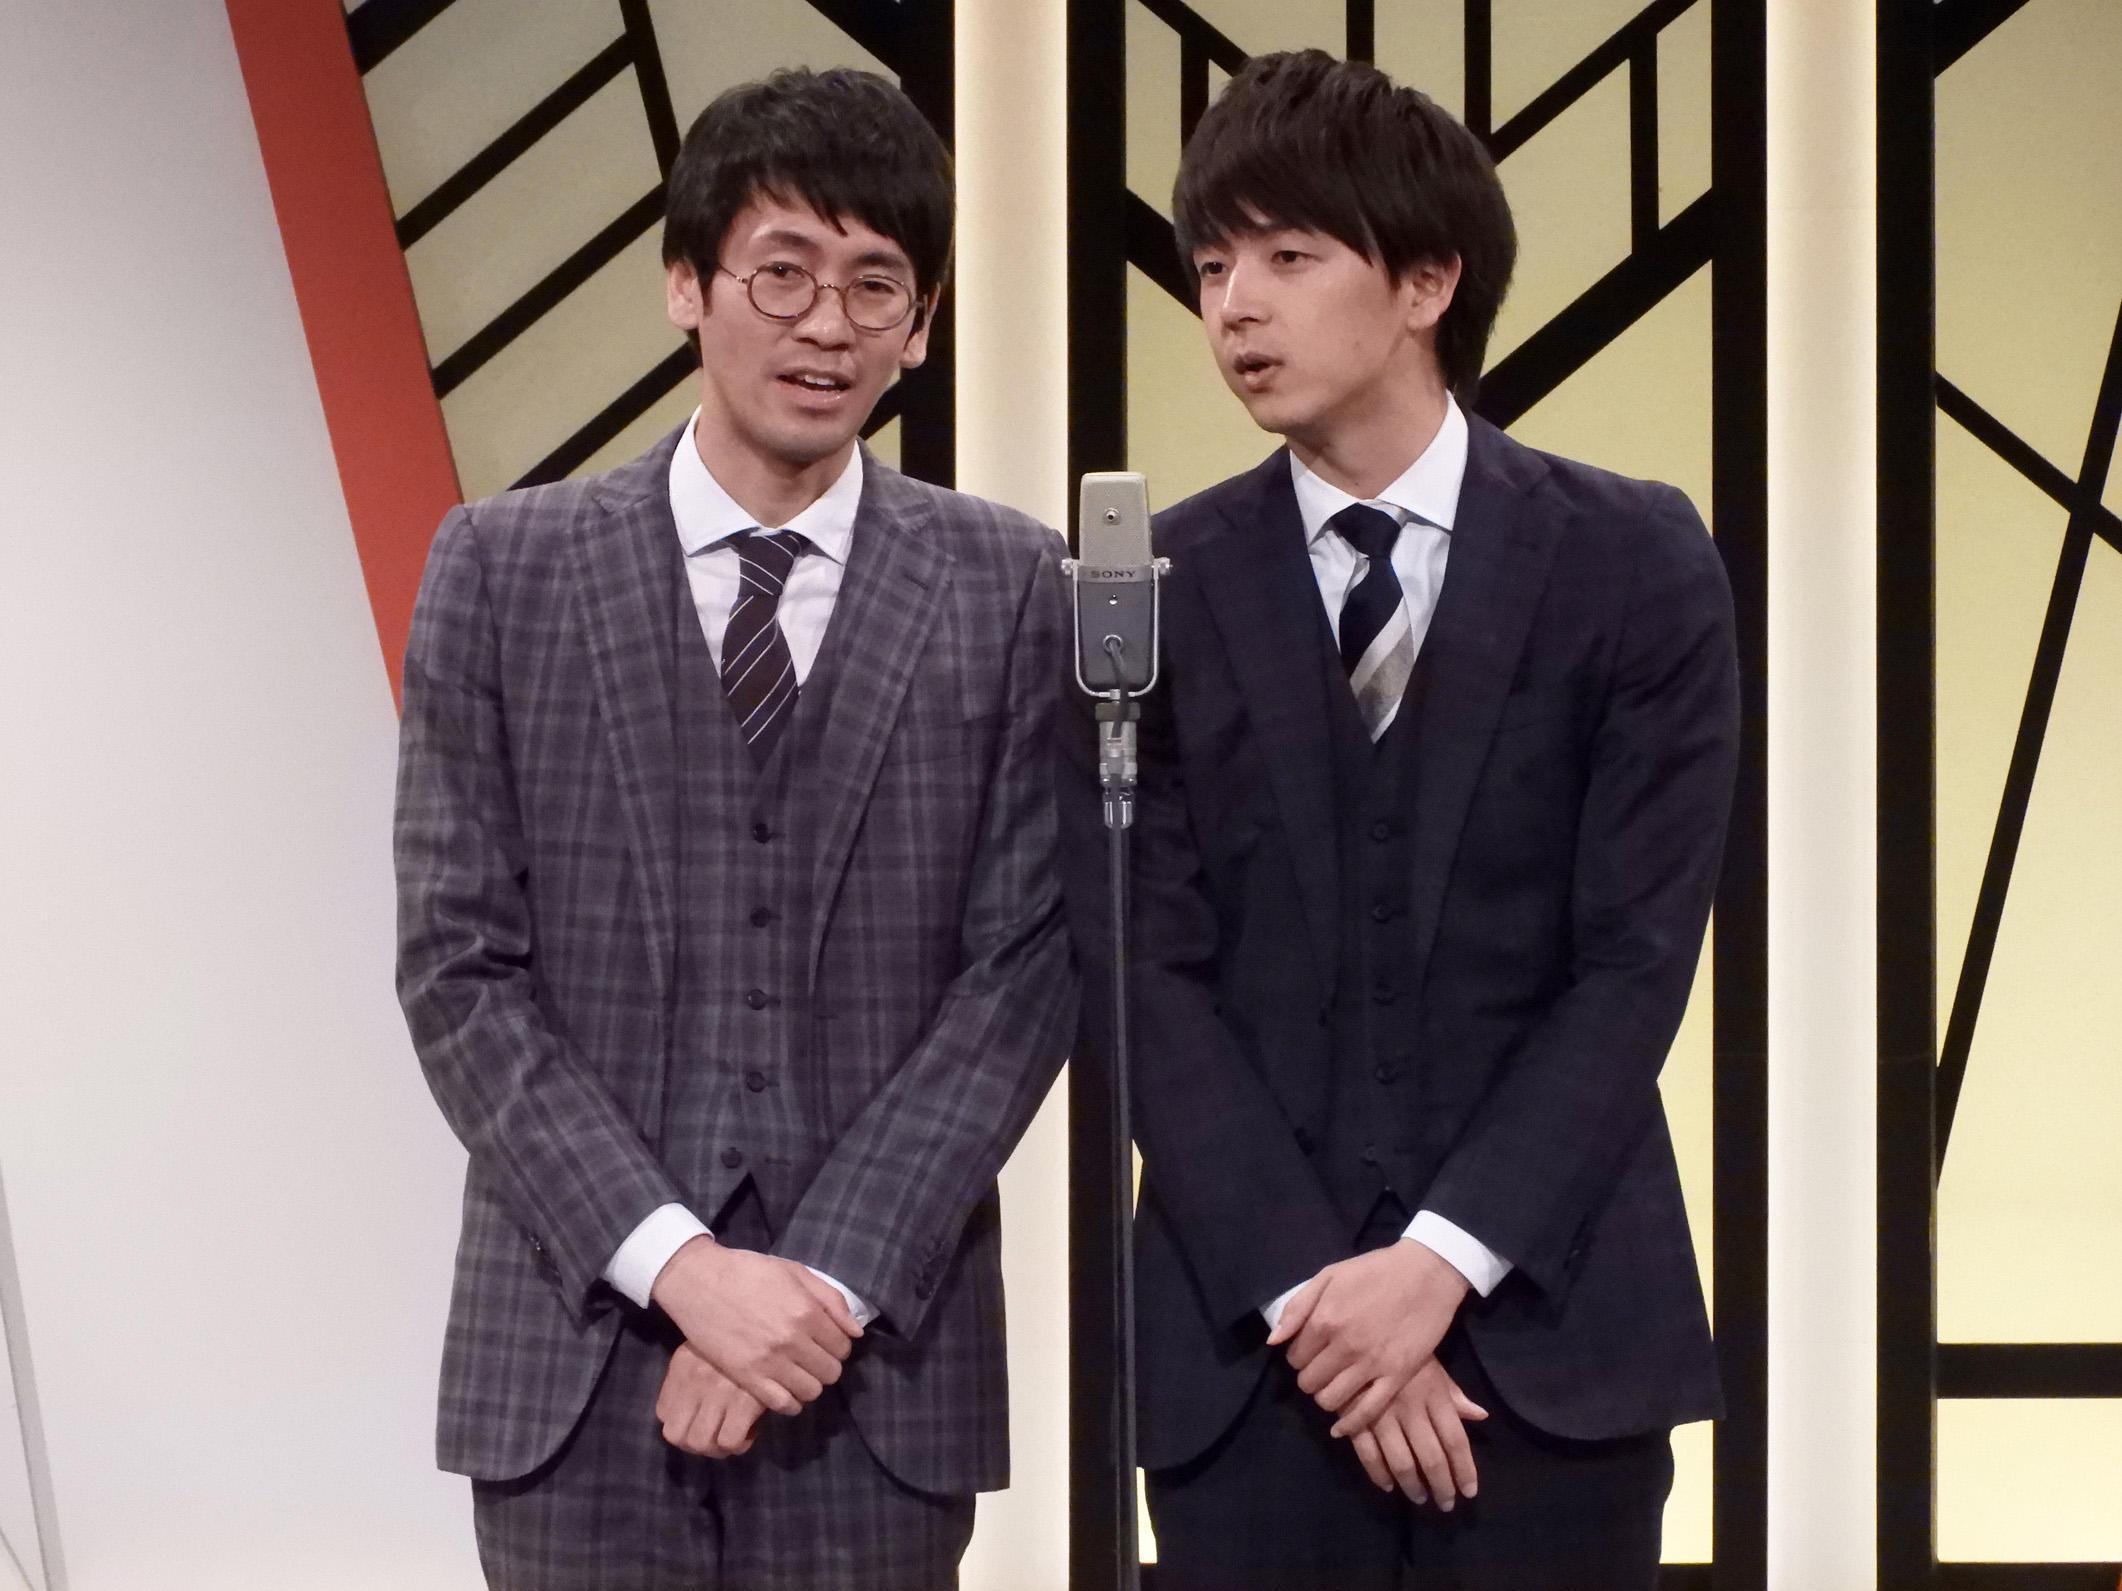 http://news.yoshimoto.co.jp/20180528122035-1fd1c63e0db7dde5d3a5ee8d754377c9f7f88582.jpg